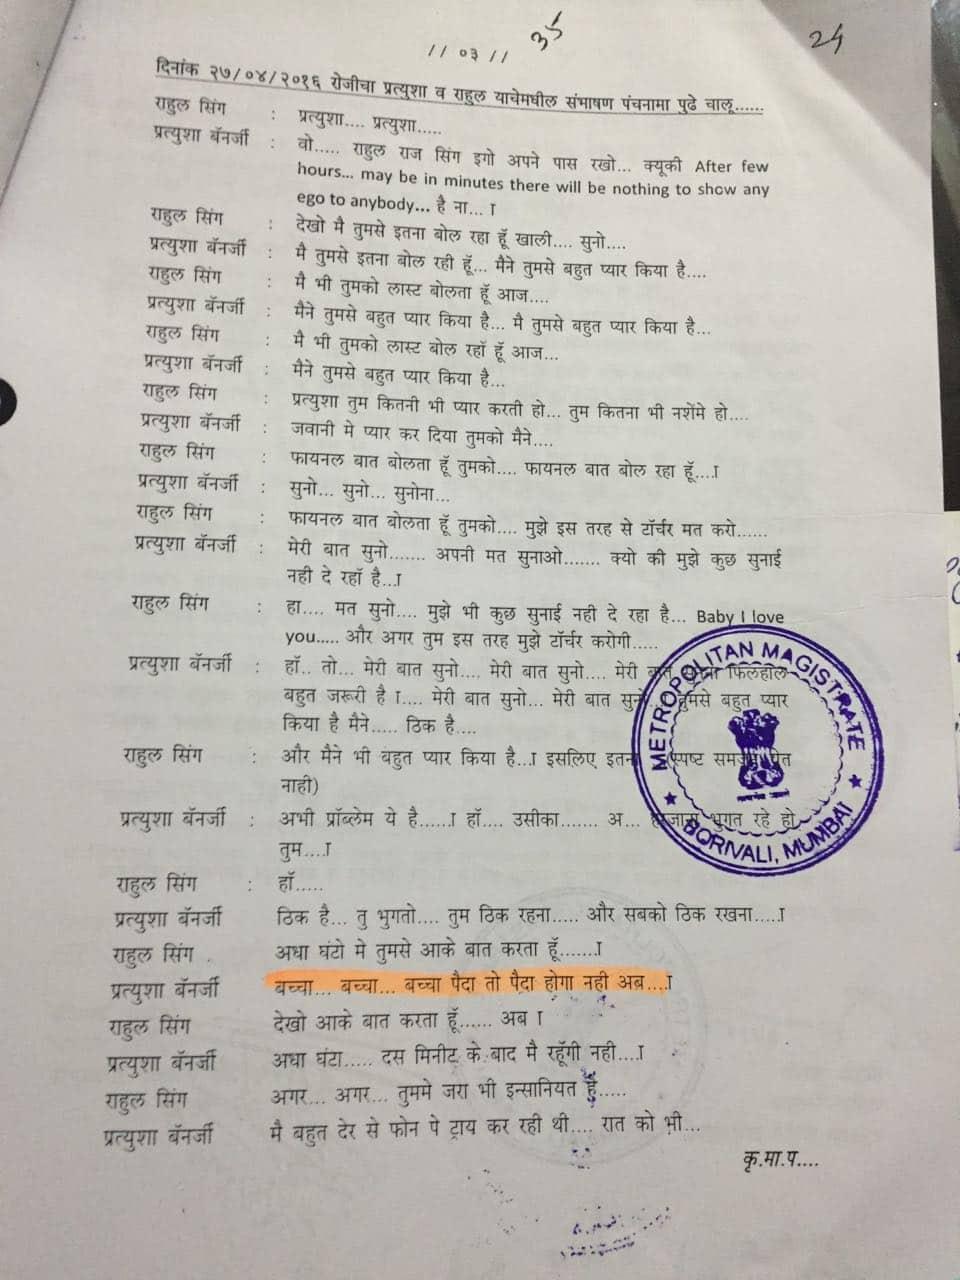 pratyusha-bannerjee-transcirpt